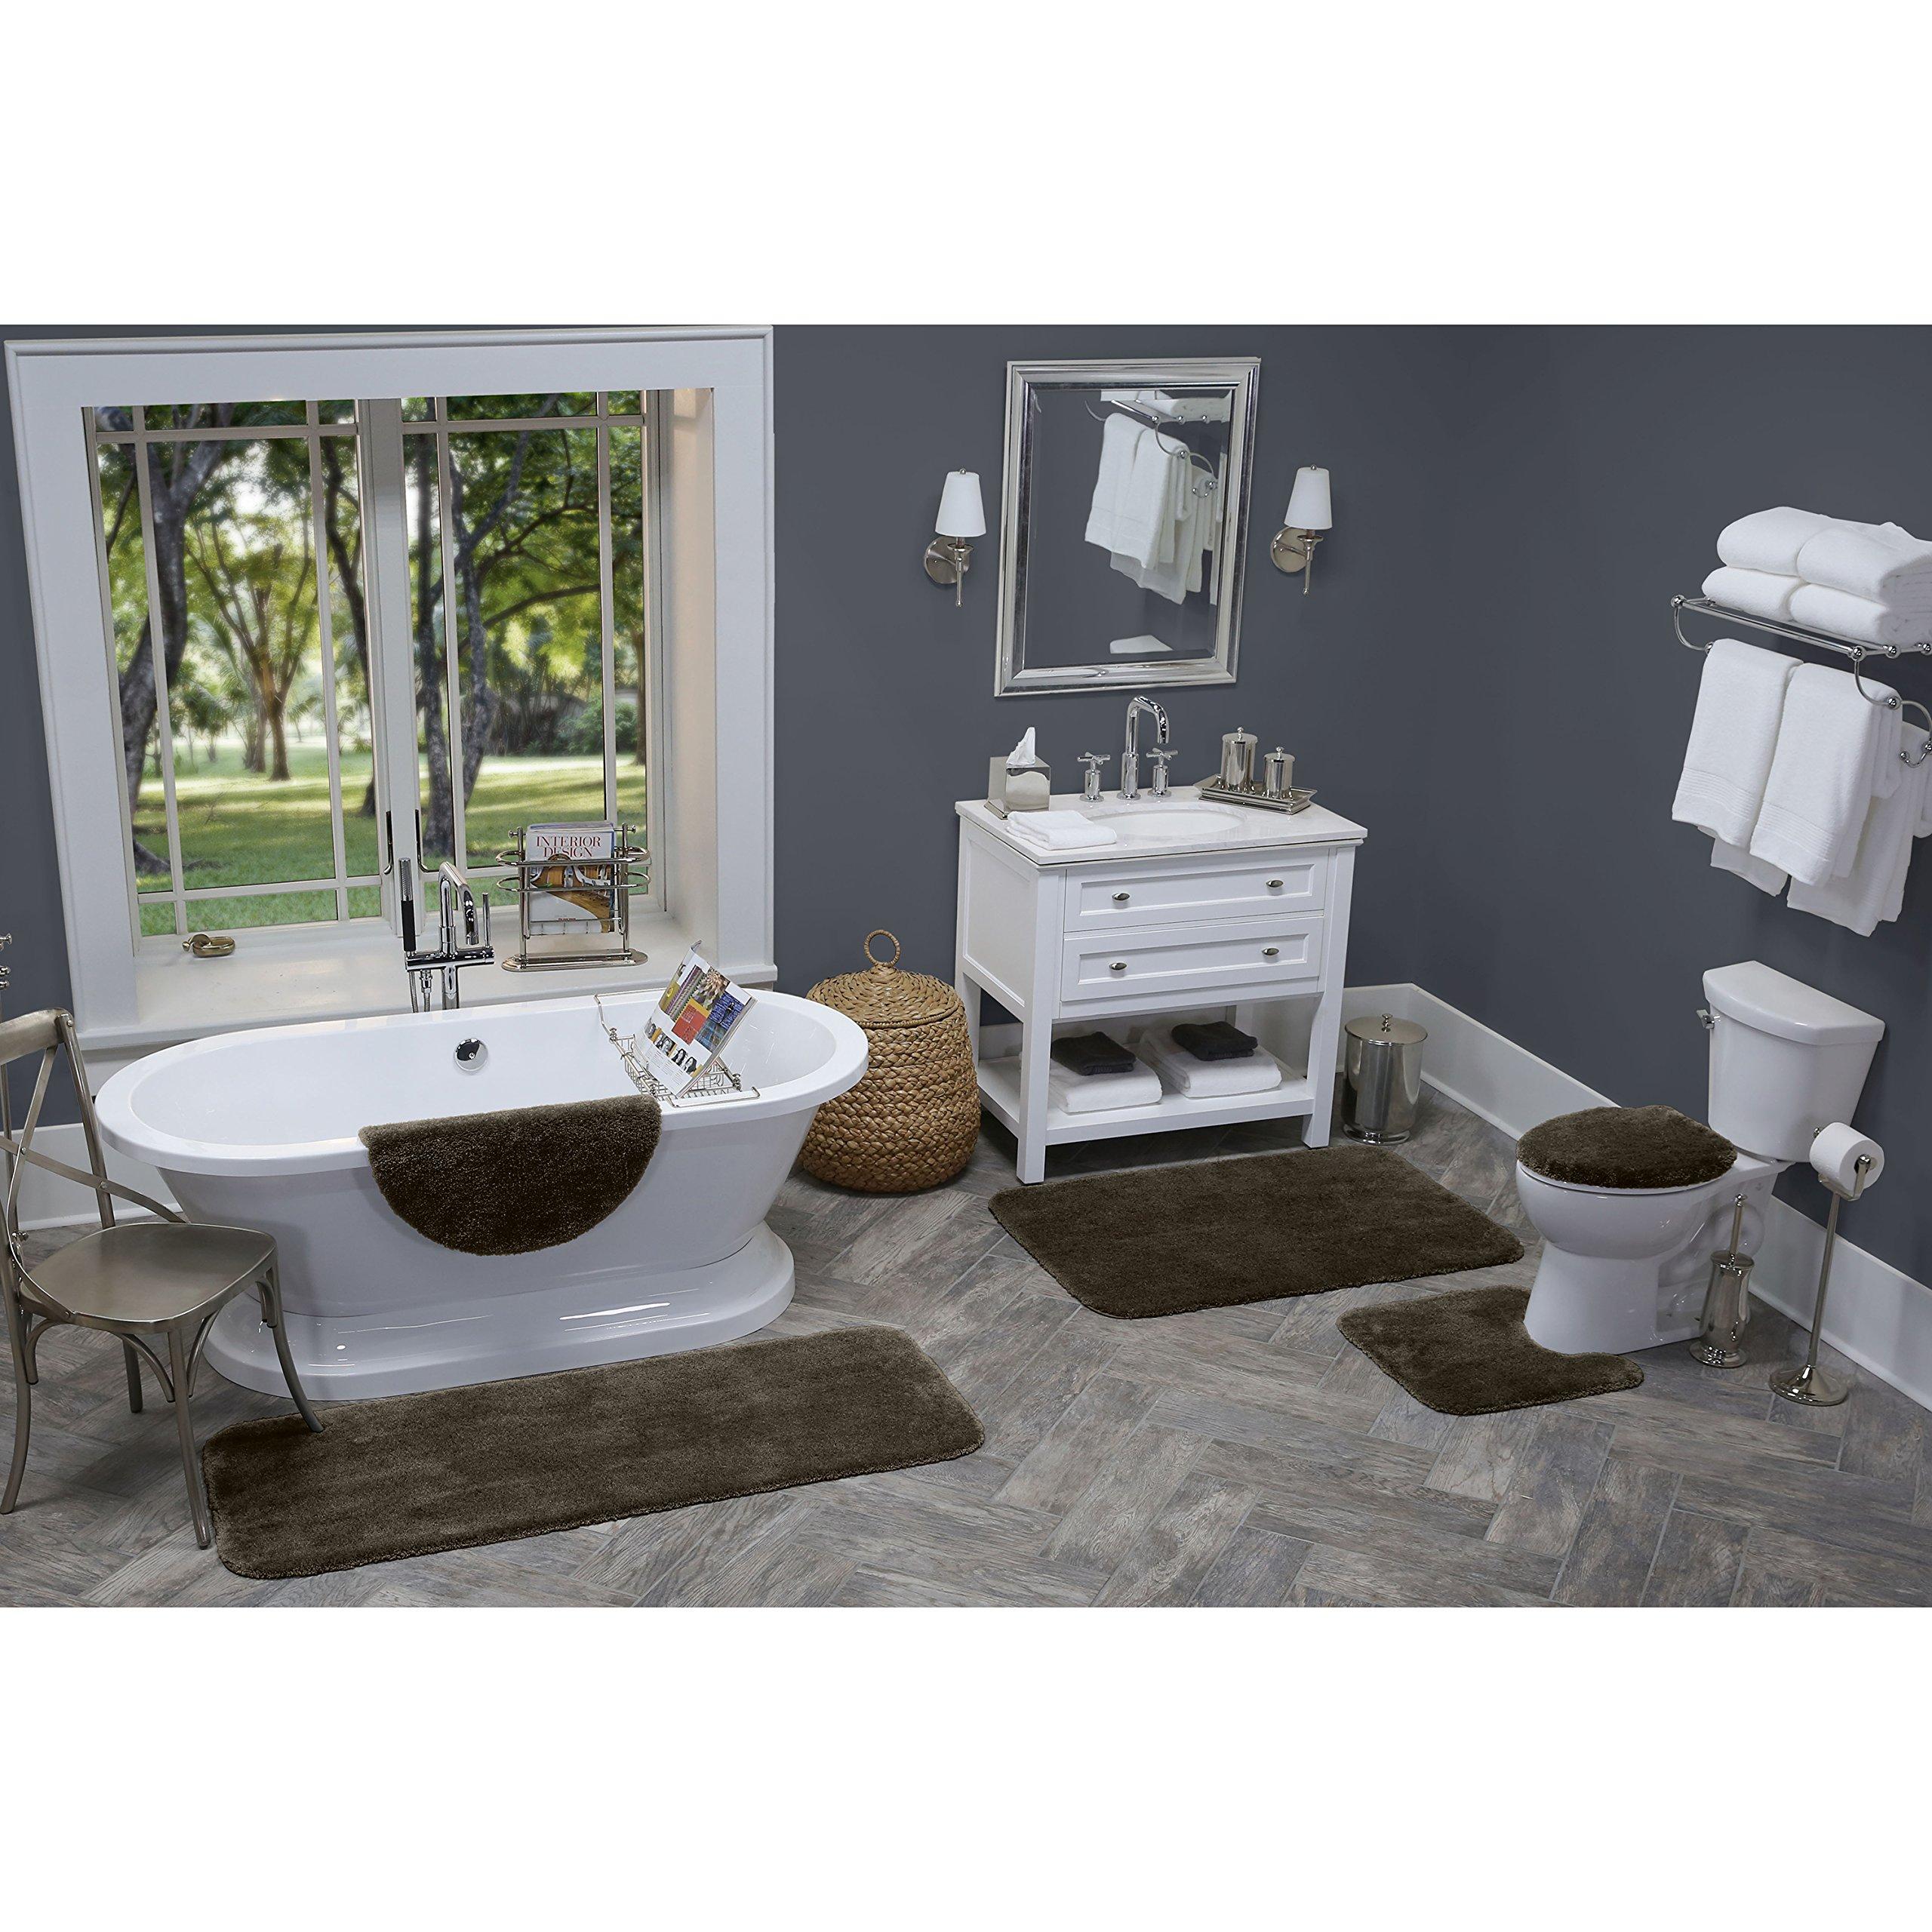 """Maples Rugs Cloud Bath 20"""" x 21.5"""" Contour Non Slip Toilet Rug [Made in USA] Machine Washable Soft Bath Mat, Chocolate Nib"""